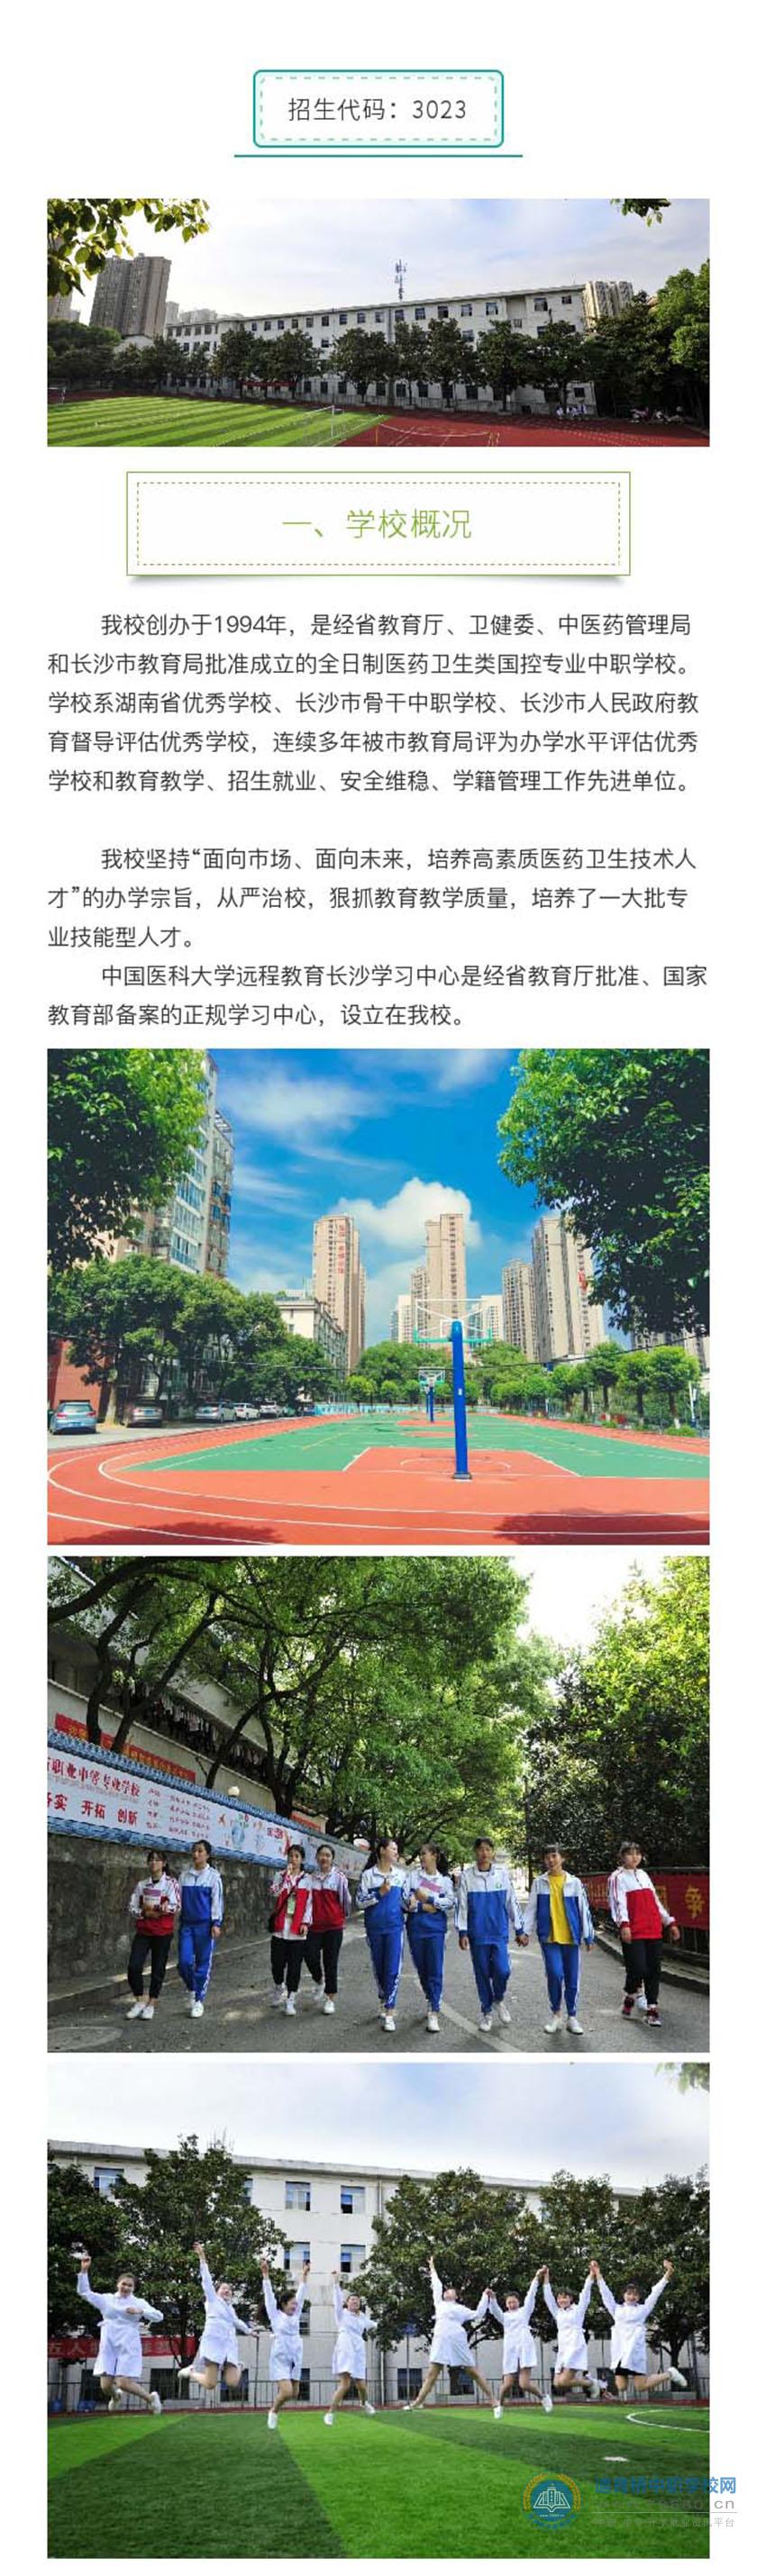 湖南医药职业中等专业学校2019年招生简章